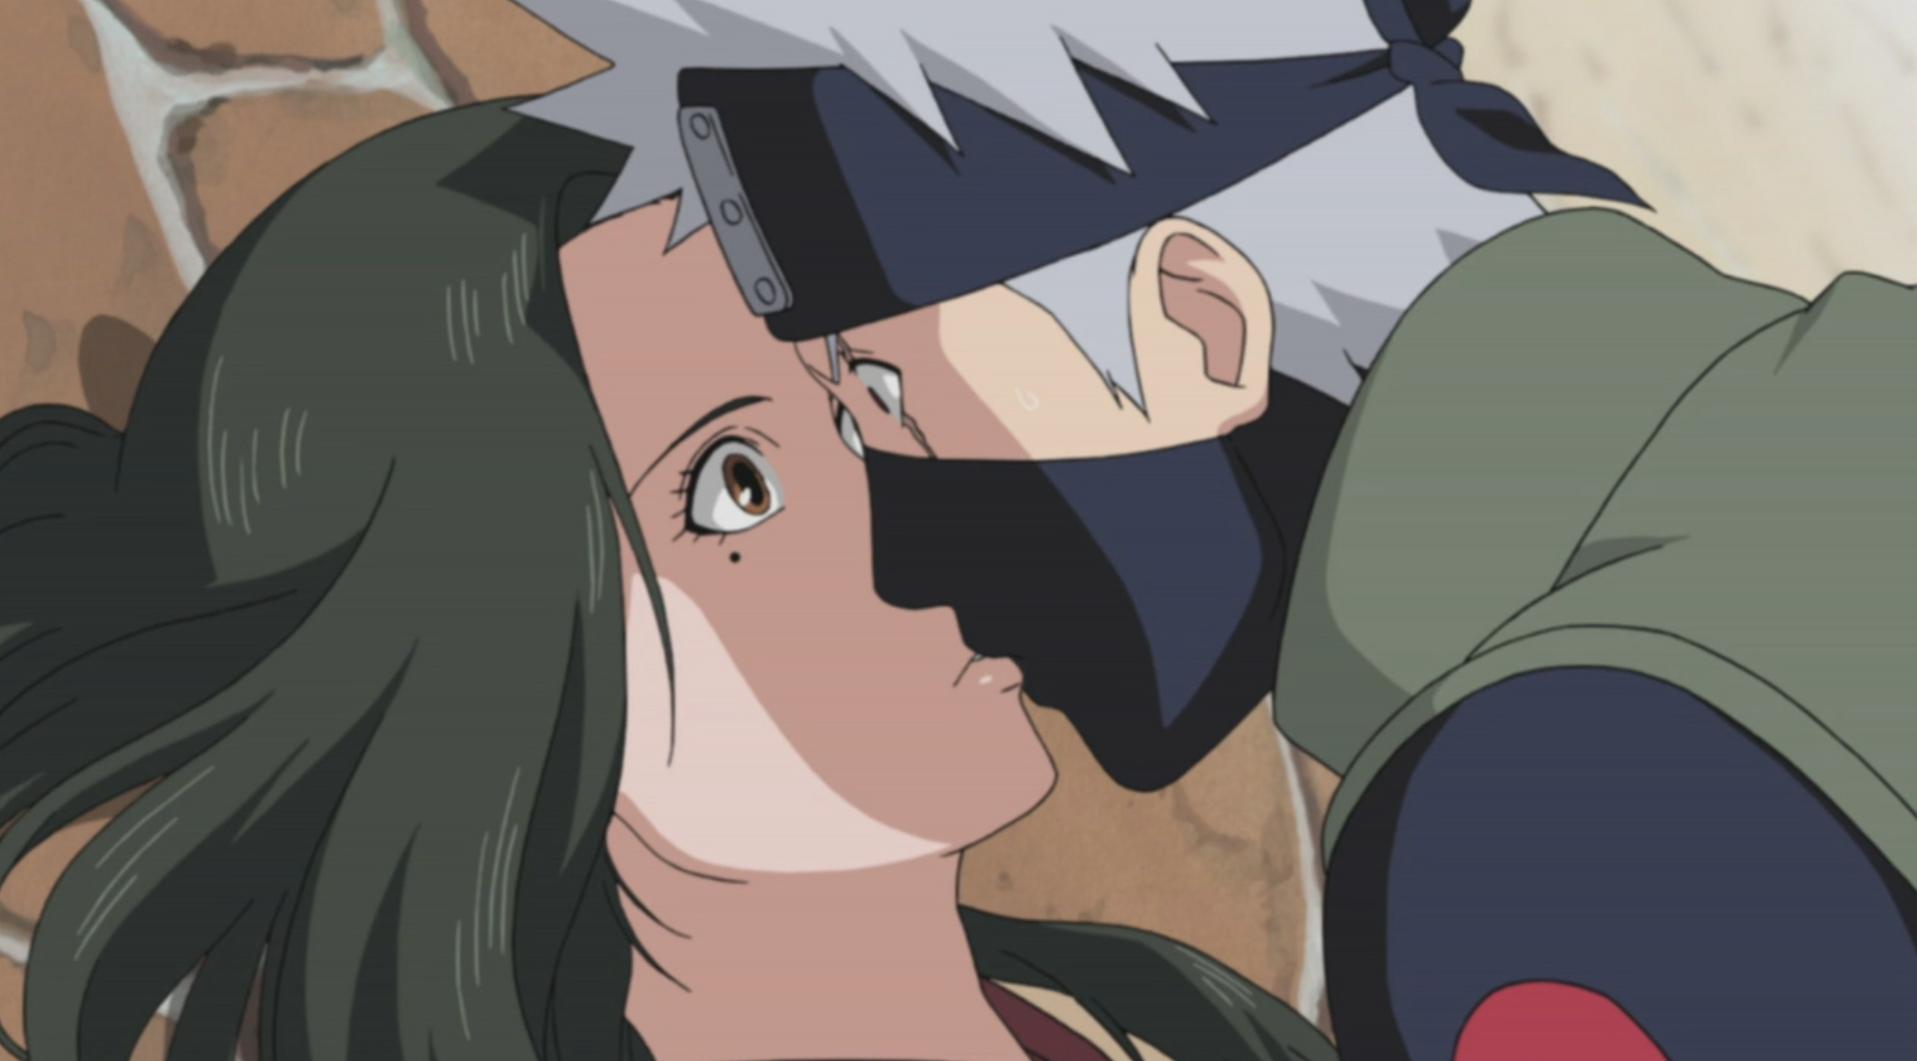 La Chanson d'amour de Kakashi